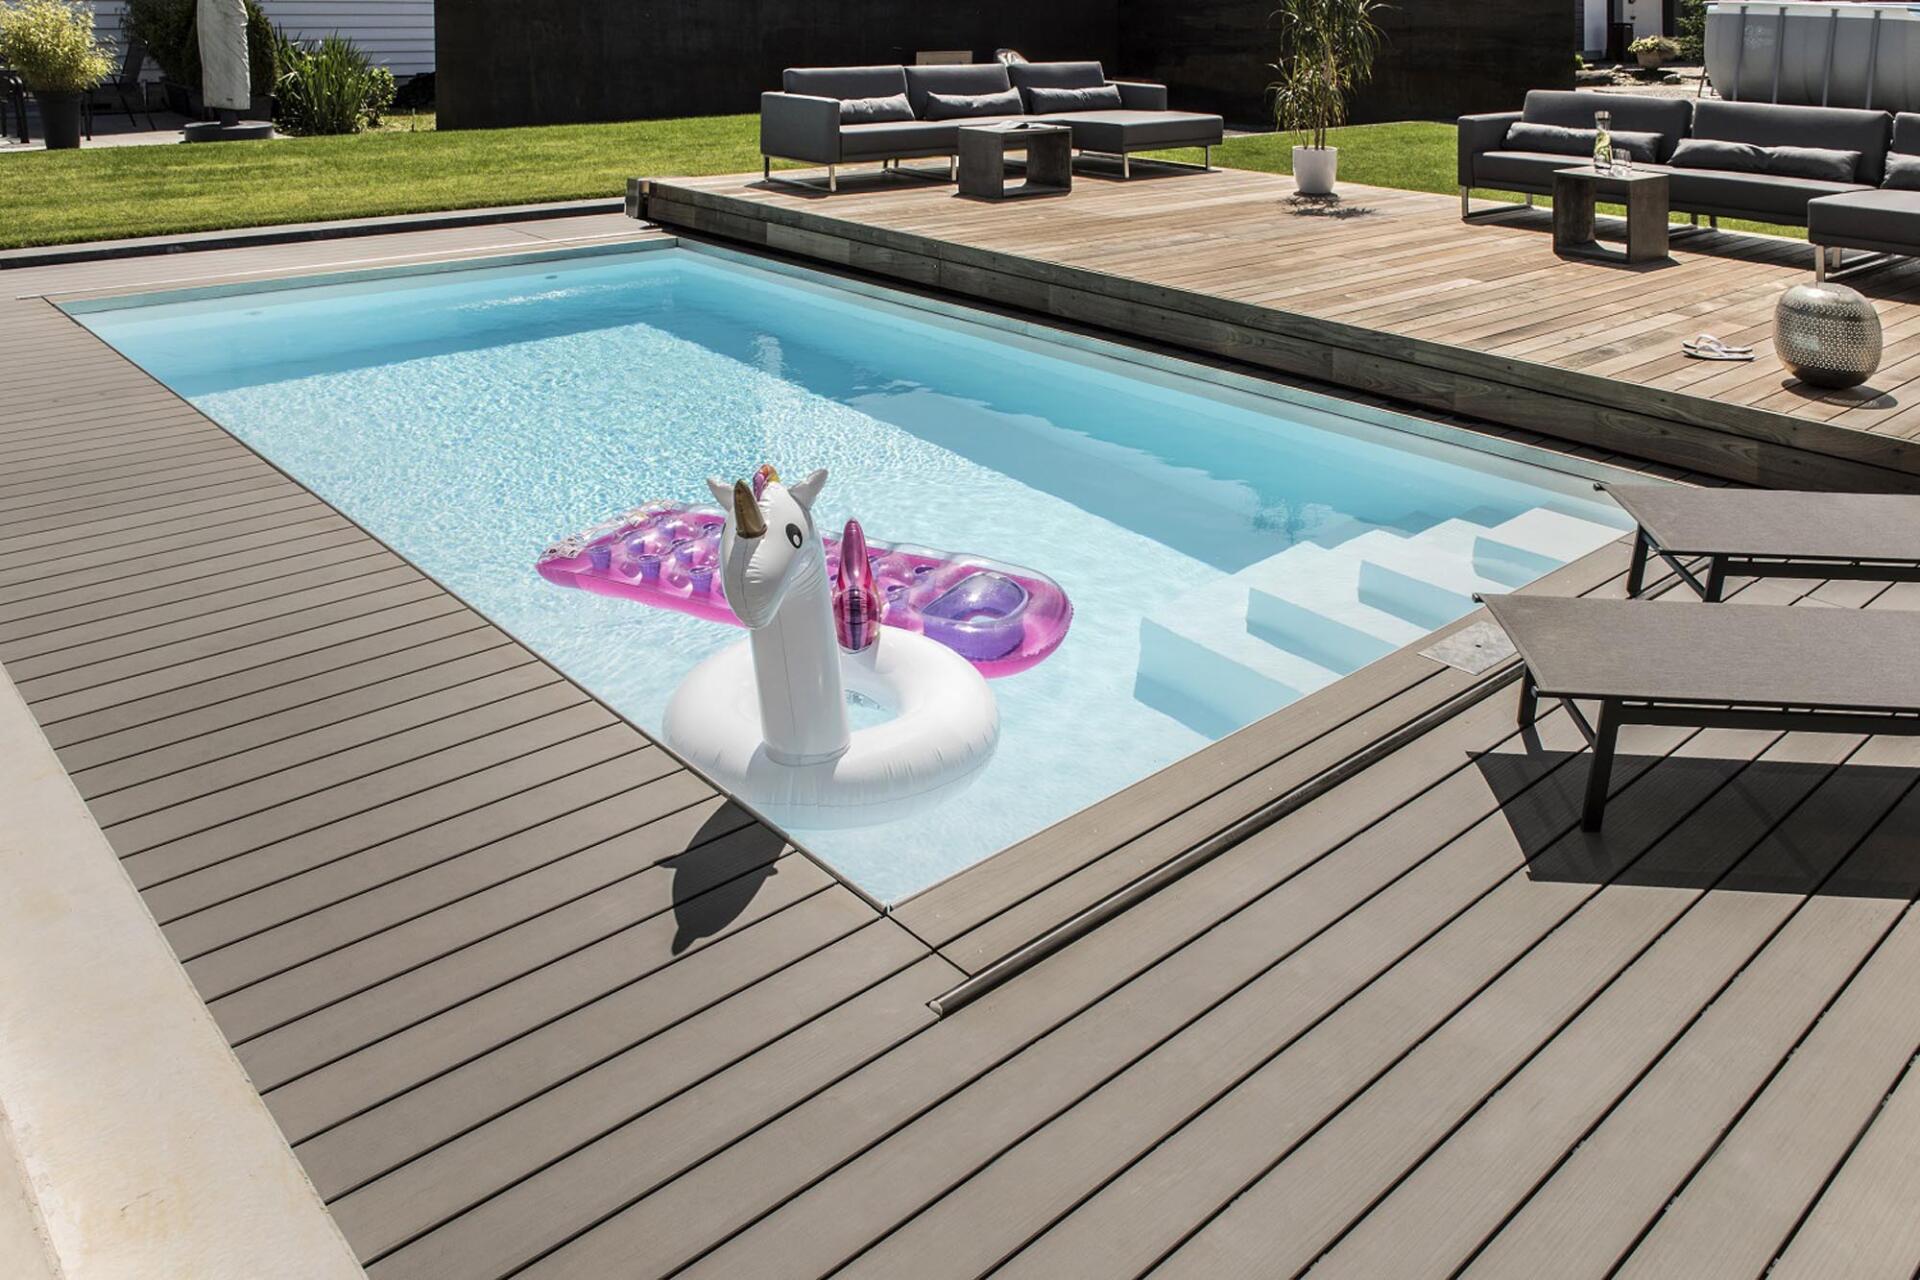 Abdeckung - Poolbau Tirol - SST Saurwein Schwimmbad Technik